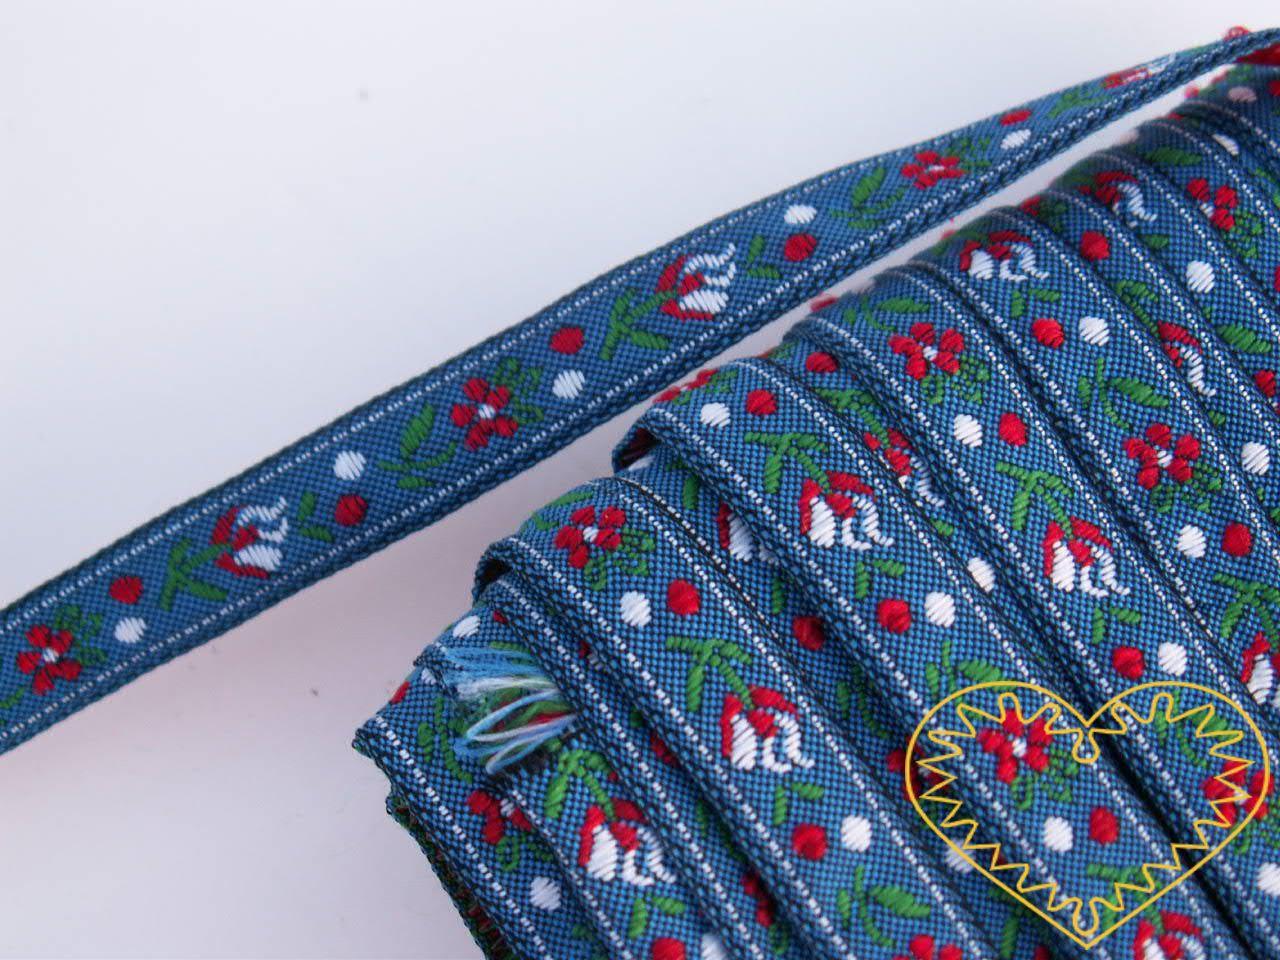 Úzká modrá krojová stuha - vzorovka - šíře 1 cm. Textilní tkaná stuha s jemným vzorkem je vhodná zvláště k lemování tkanin a šatů panenek a maňásků.